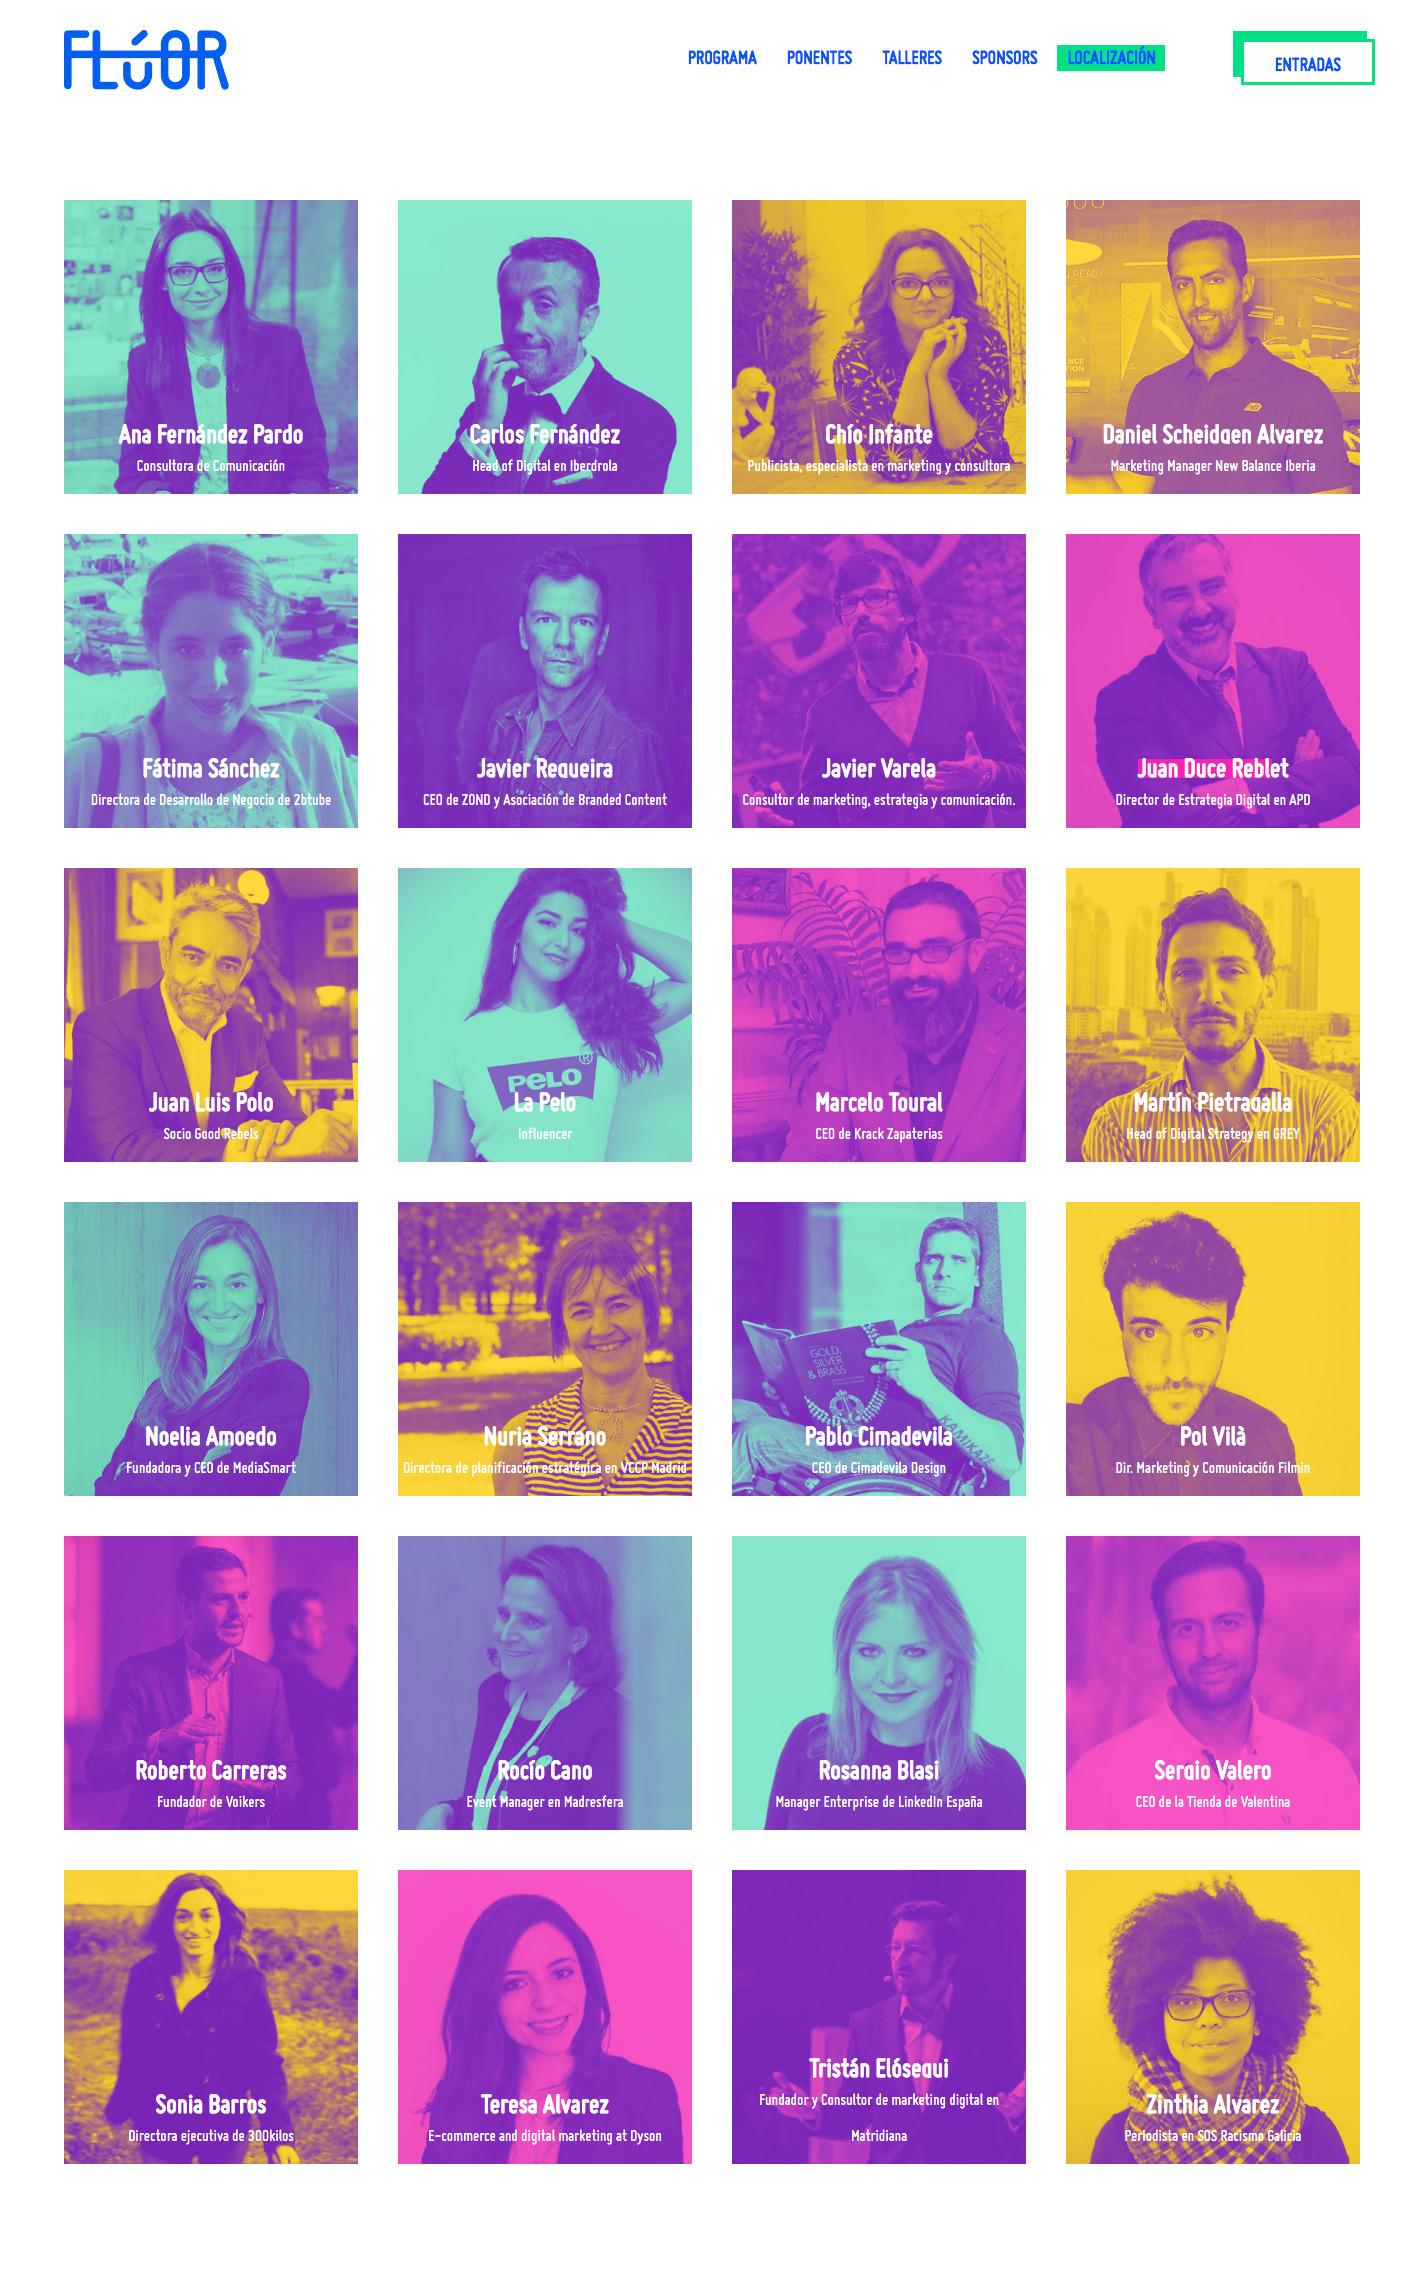 Ponentes Congreso Marketing Digital Flúor Pontevedra